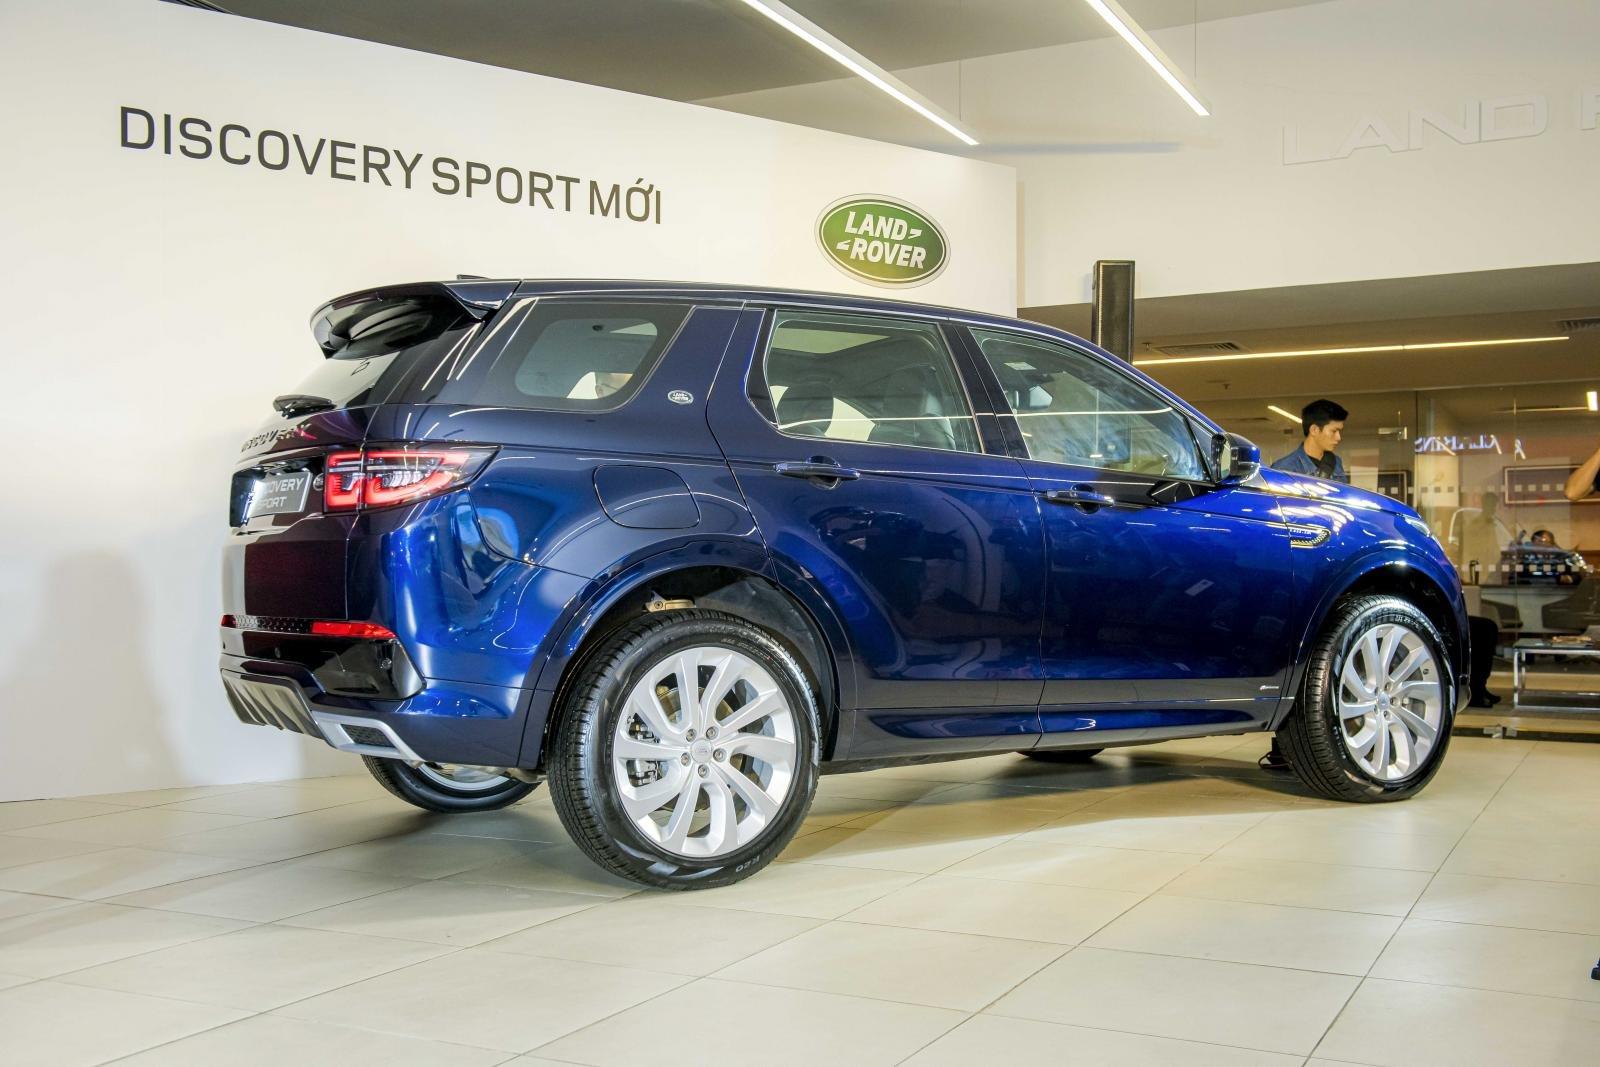 Land Rover Discovery Sport 2020 sở hữu nhiều trang bị hấp dẫn 1